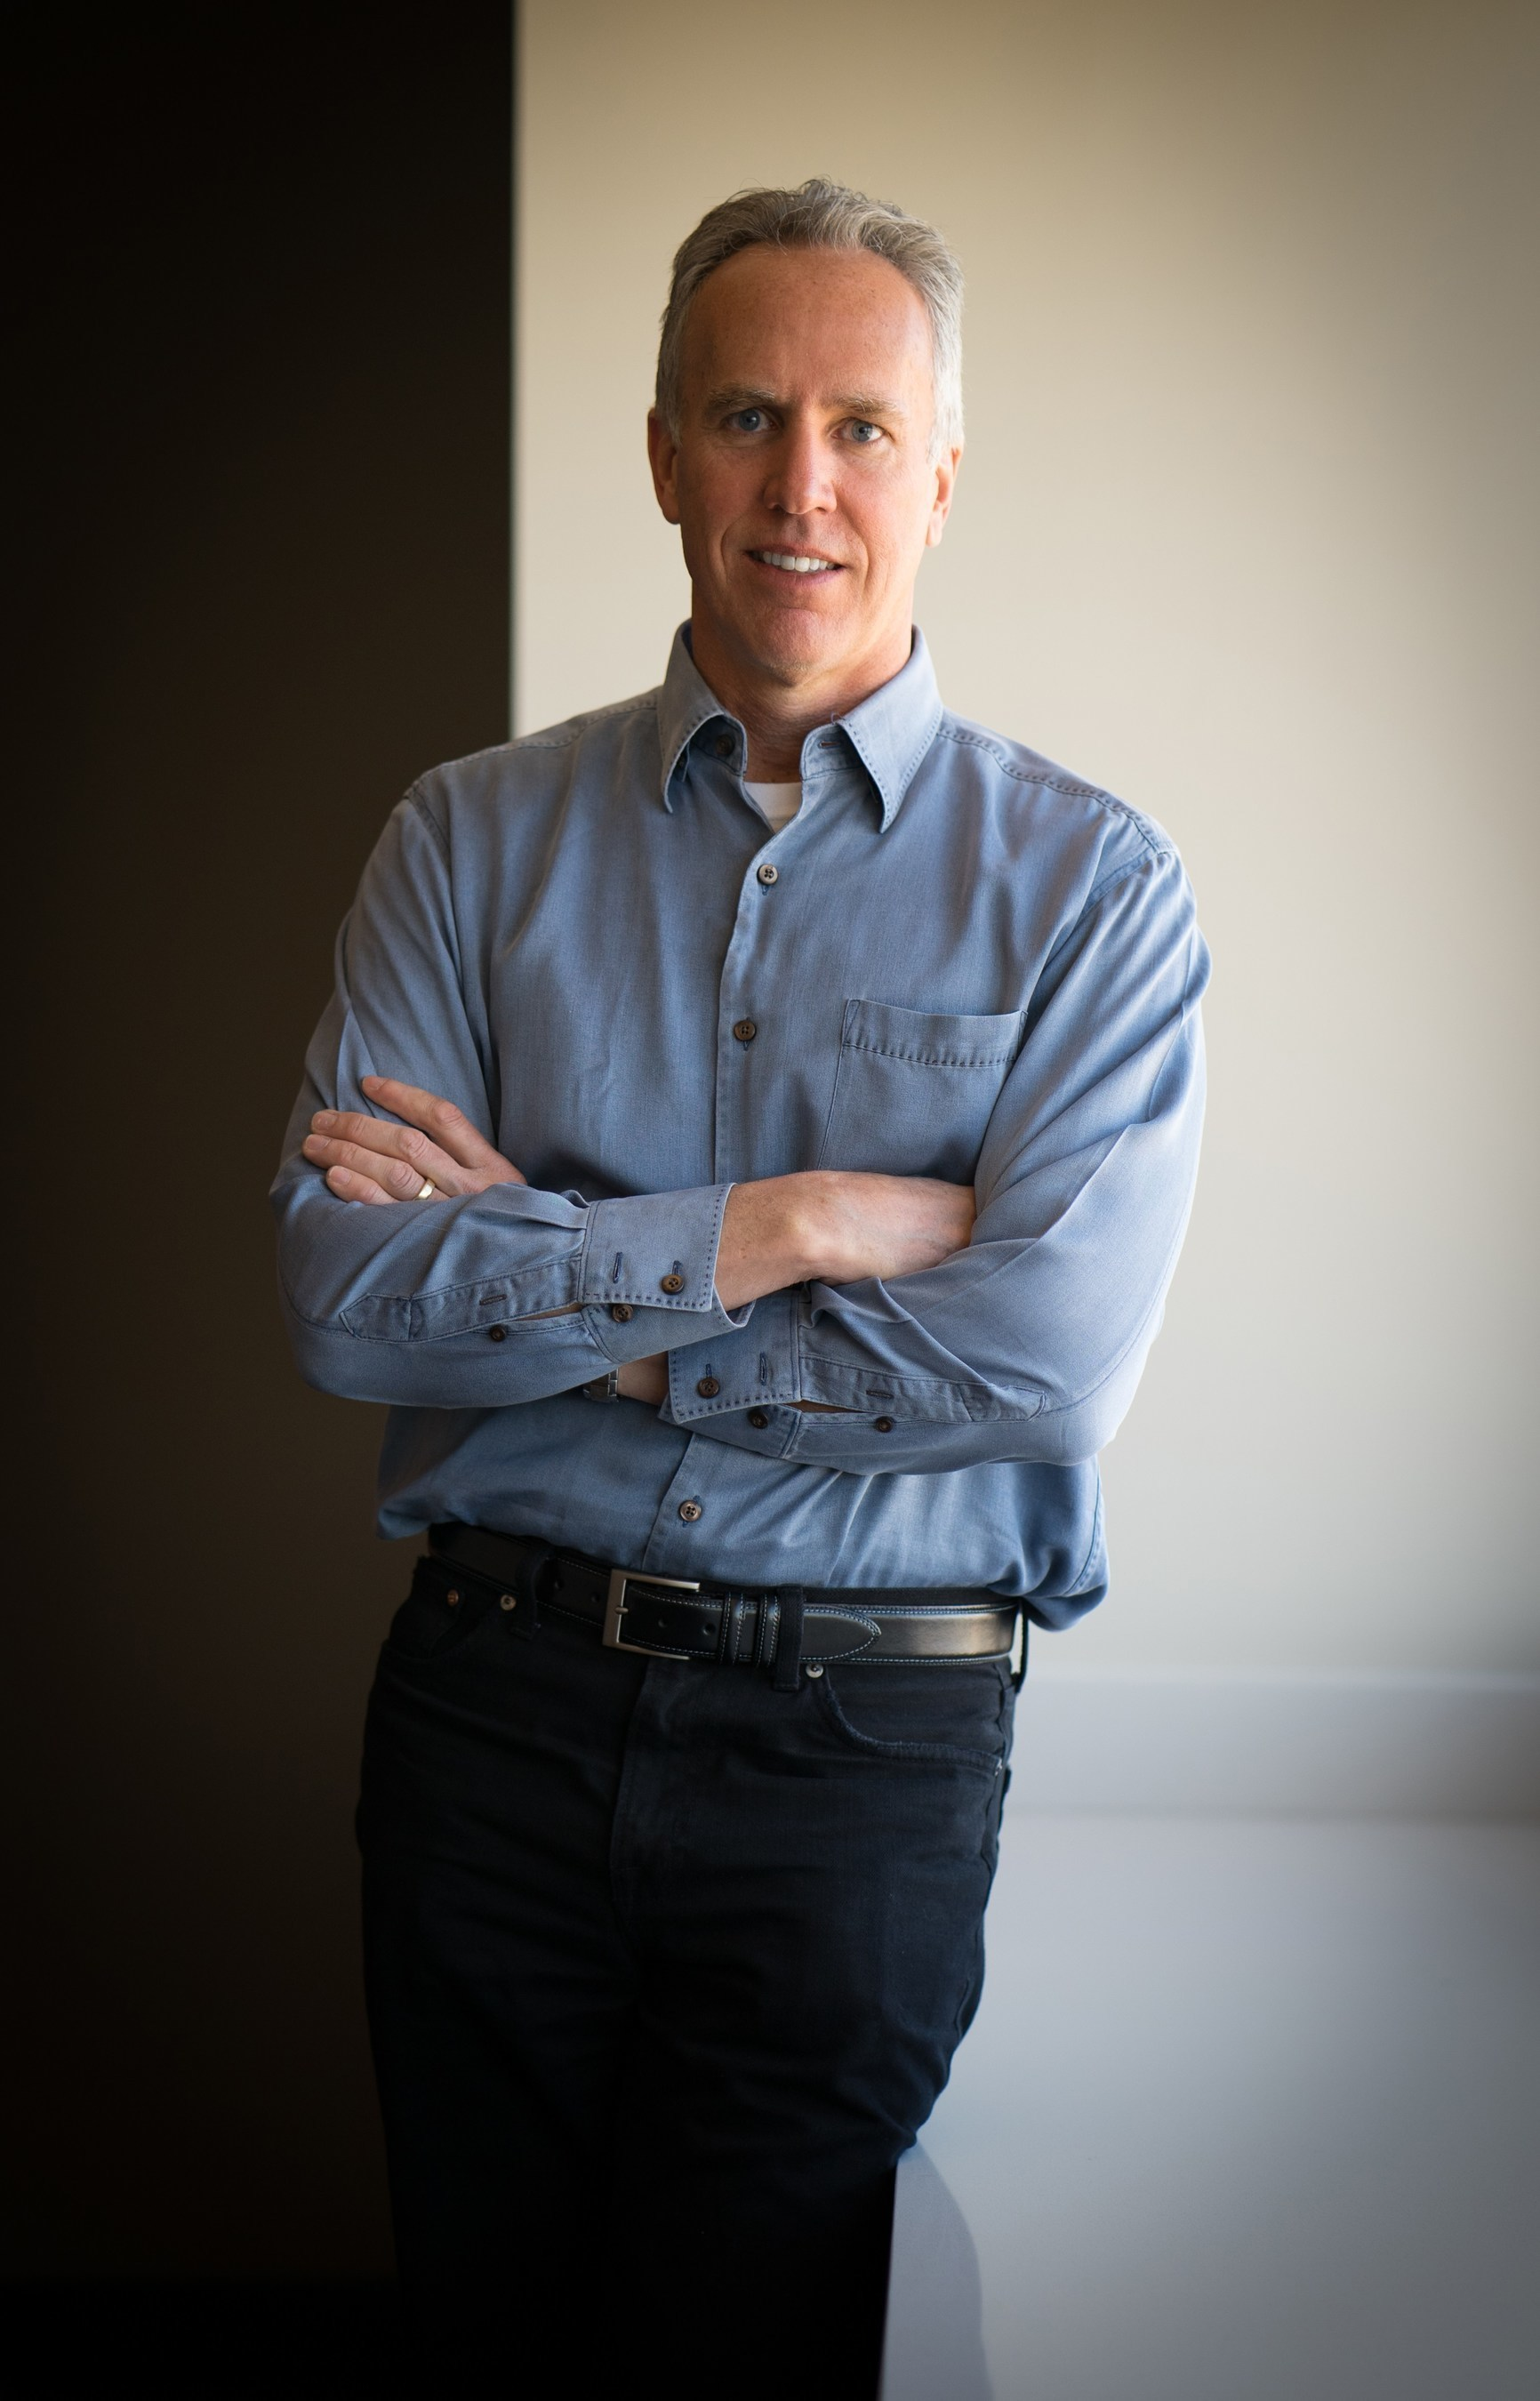 Mike Nolan, new Smashburger CEO